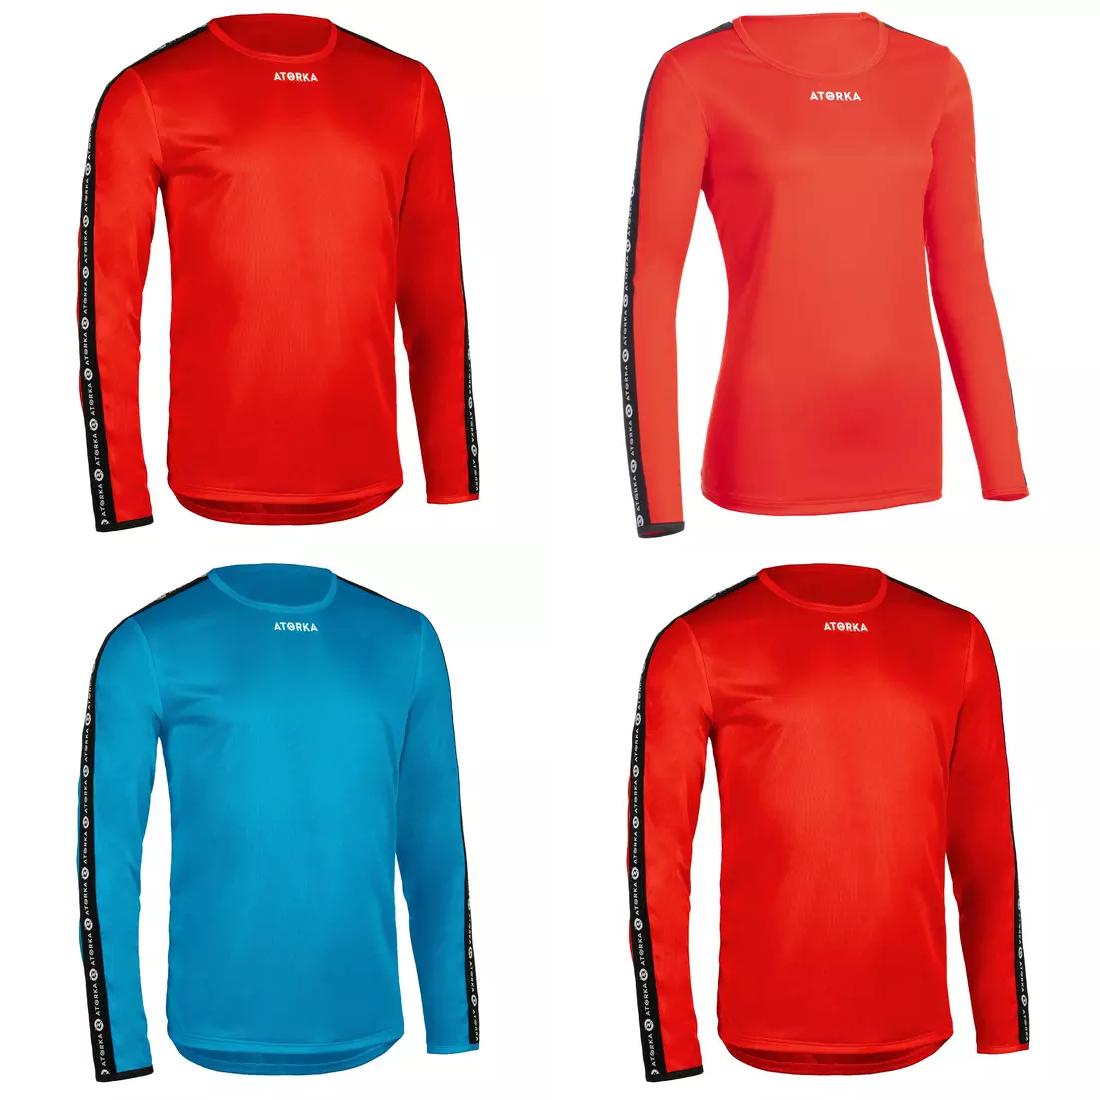 Decathlon, koszulki sportowe długi rękaw dla Taty(XS, M, XL, 2XL) Mamy (XS-XL), dzieci czerwona (7-9l i 12-15l) niebieska (5-15 lat)